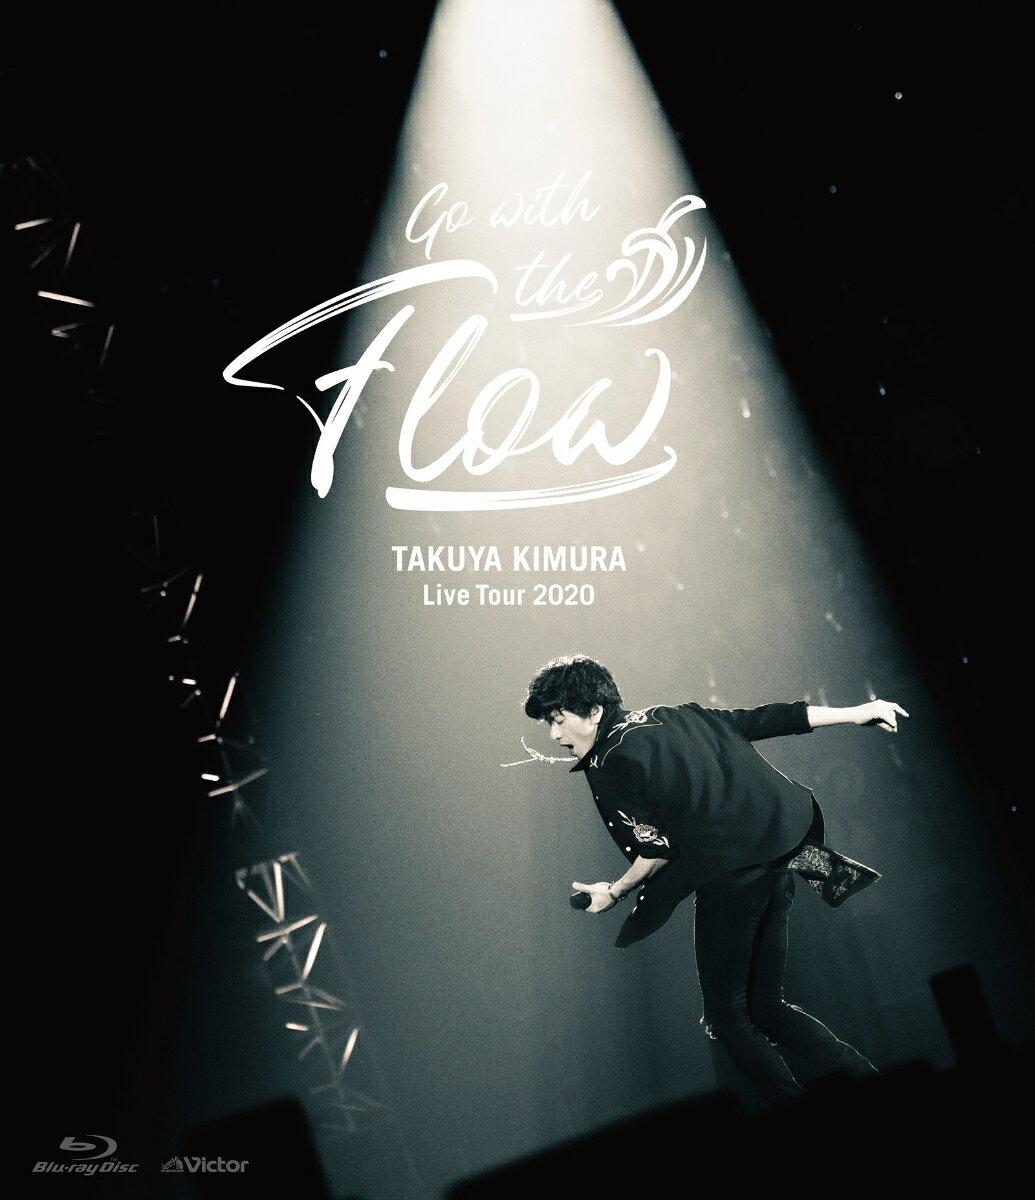 TAKUYA KIMURA Live Tour 2020 Go with the Flow【Blu-ray】